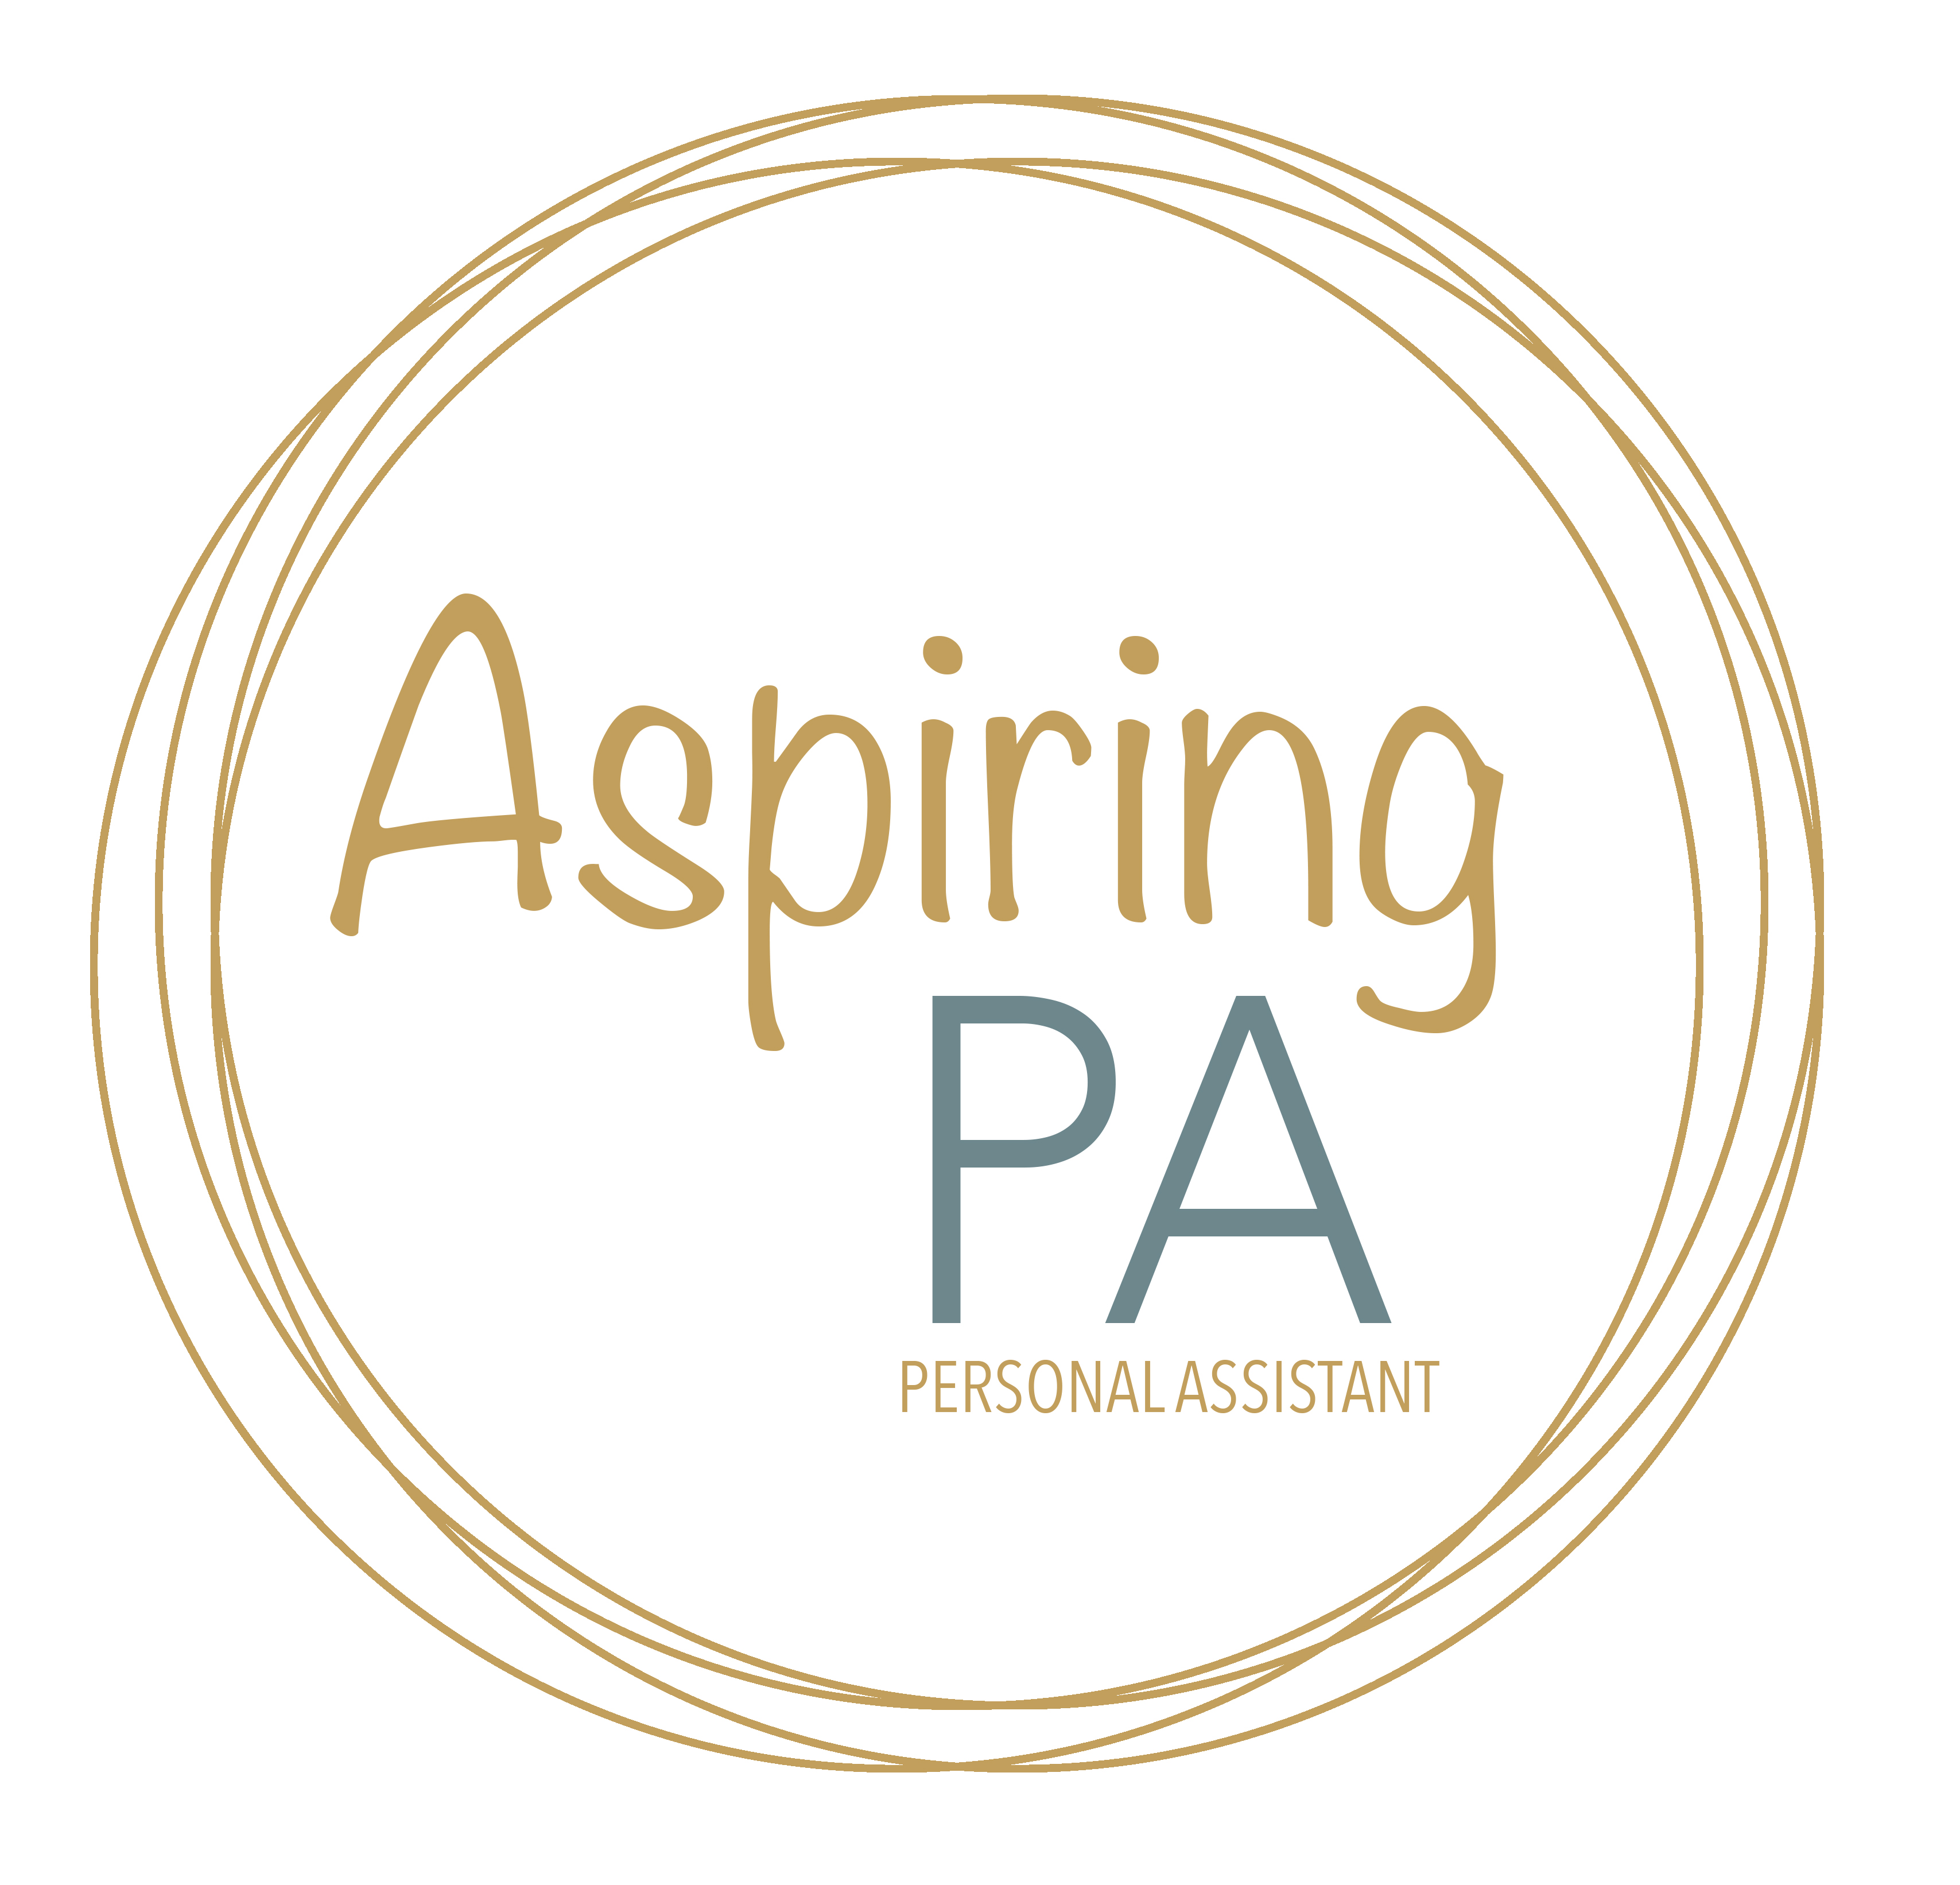 ASPIRING PA